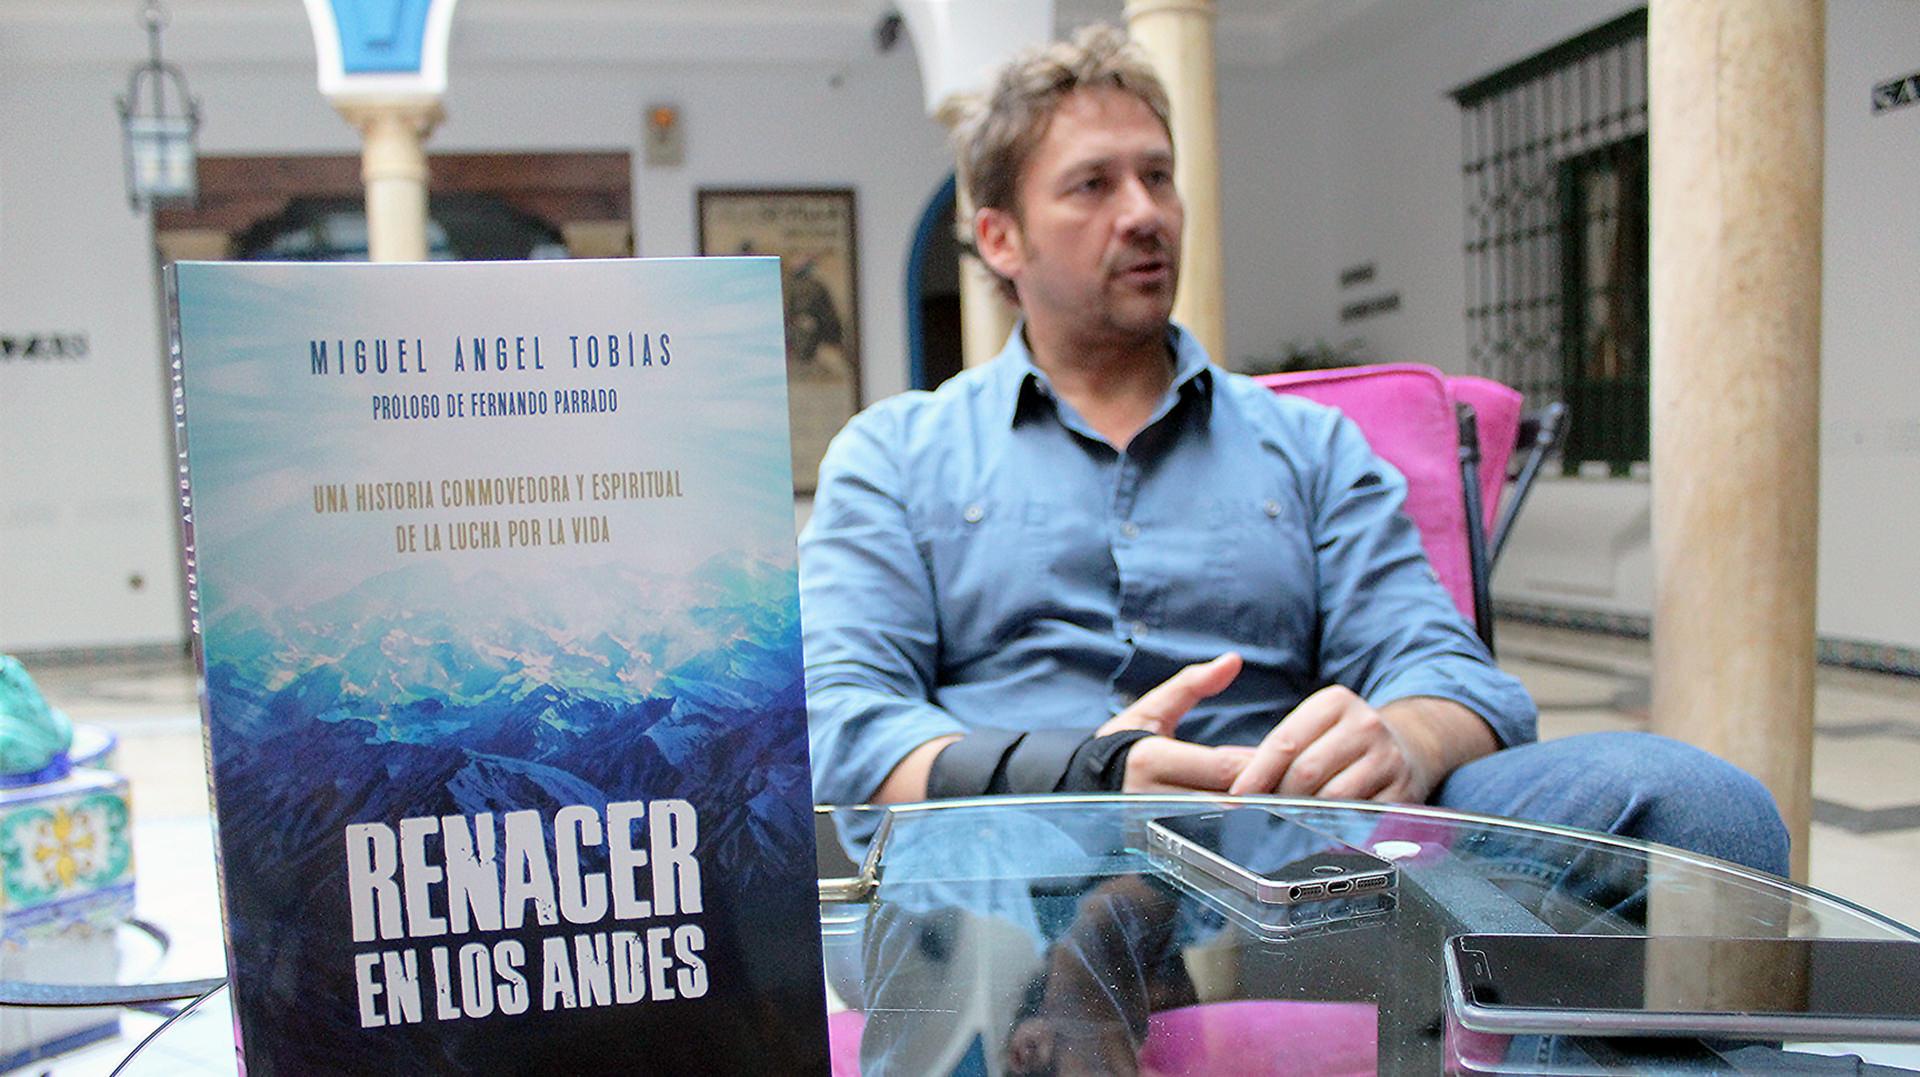 entrevista miguel angel tobias libro renacer andes gatropolis